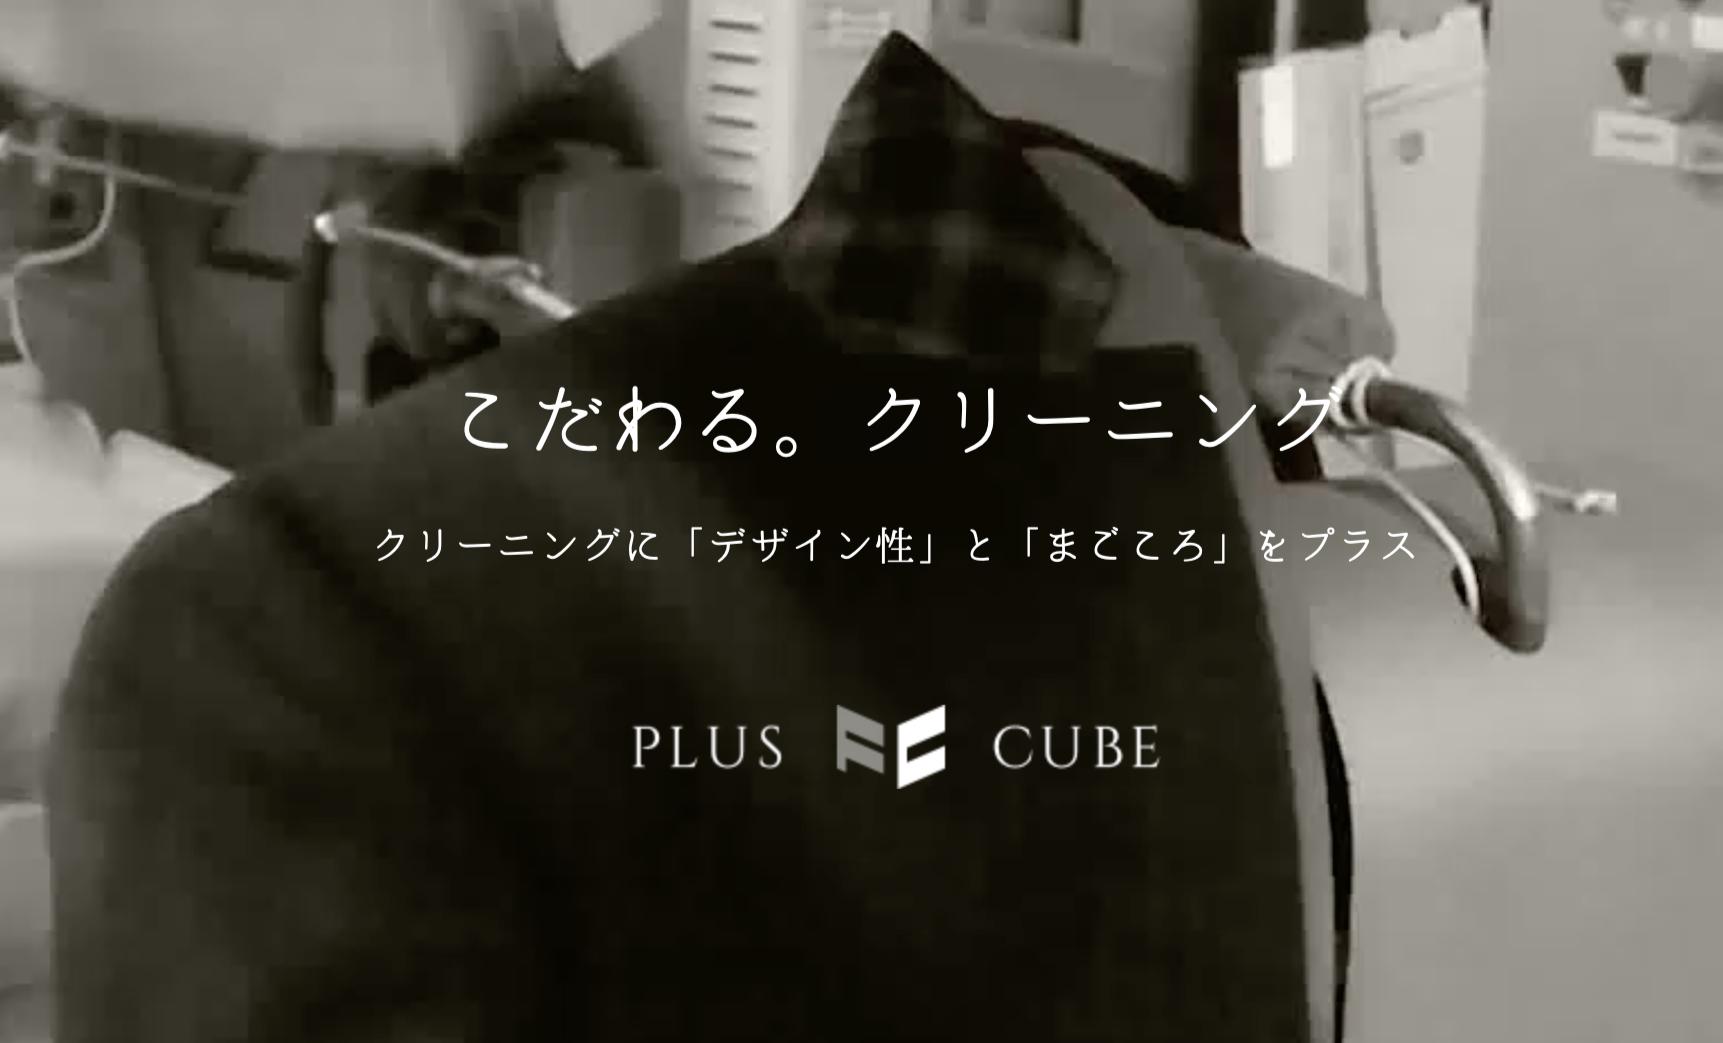 宅配クリーニング⑤プラスキューブ